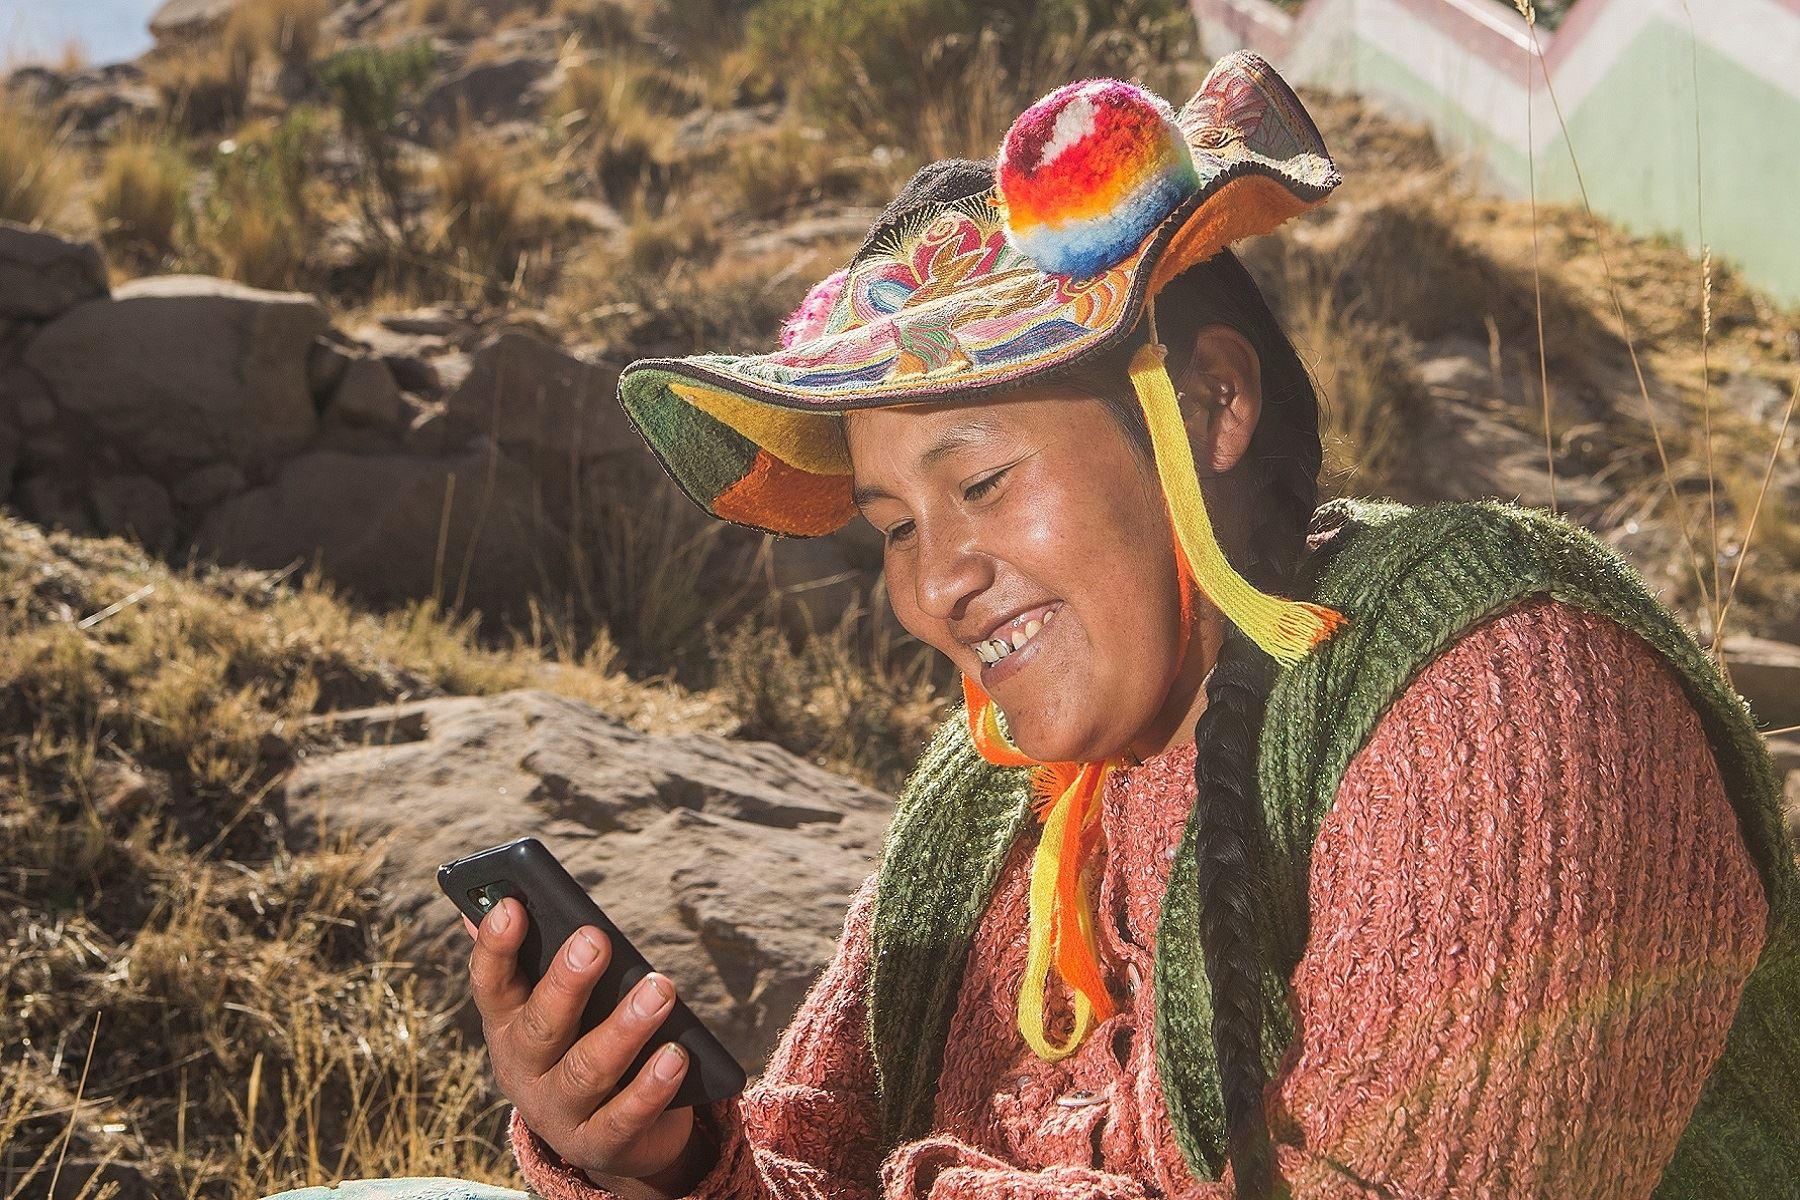 Iniciativas rurales aprovechan la conectividad para desarrollarse en pandemia